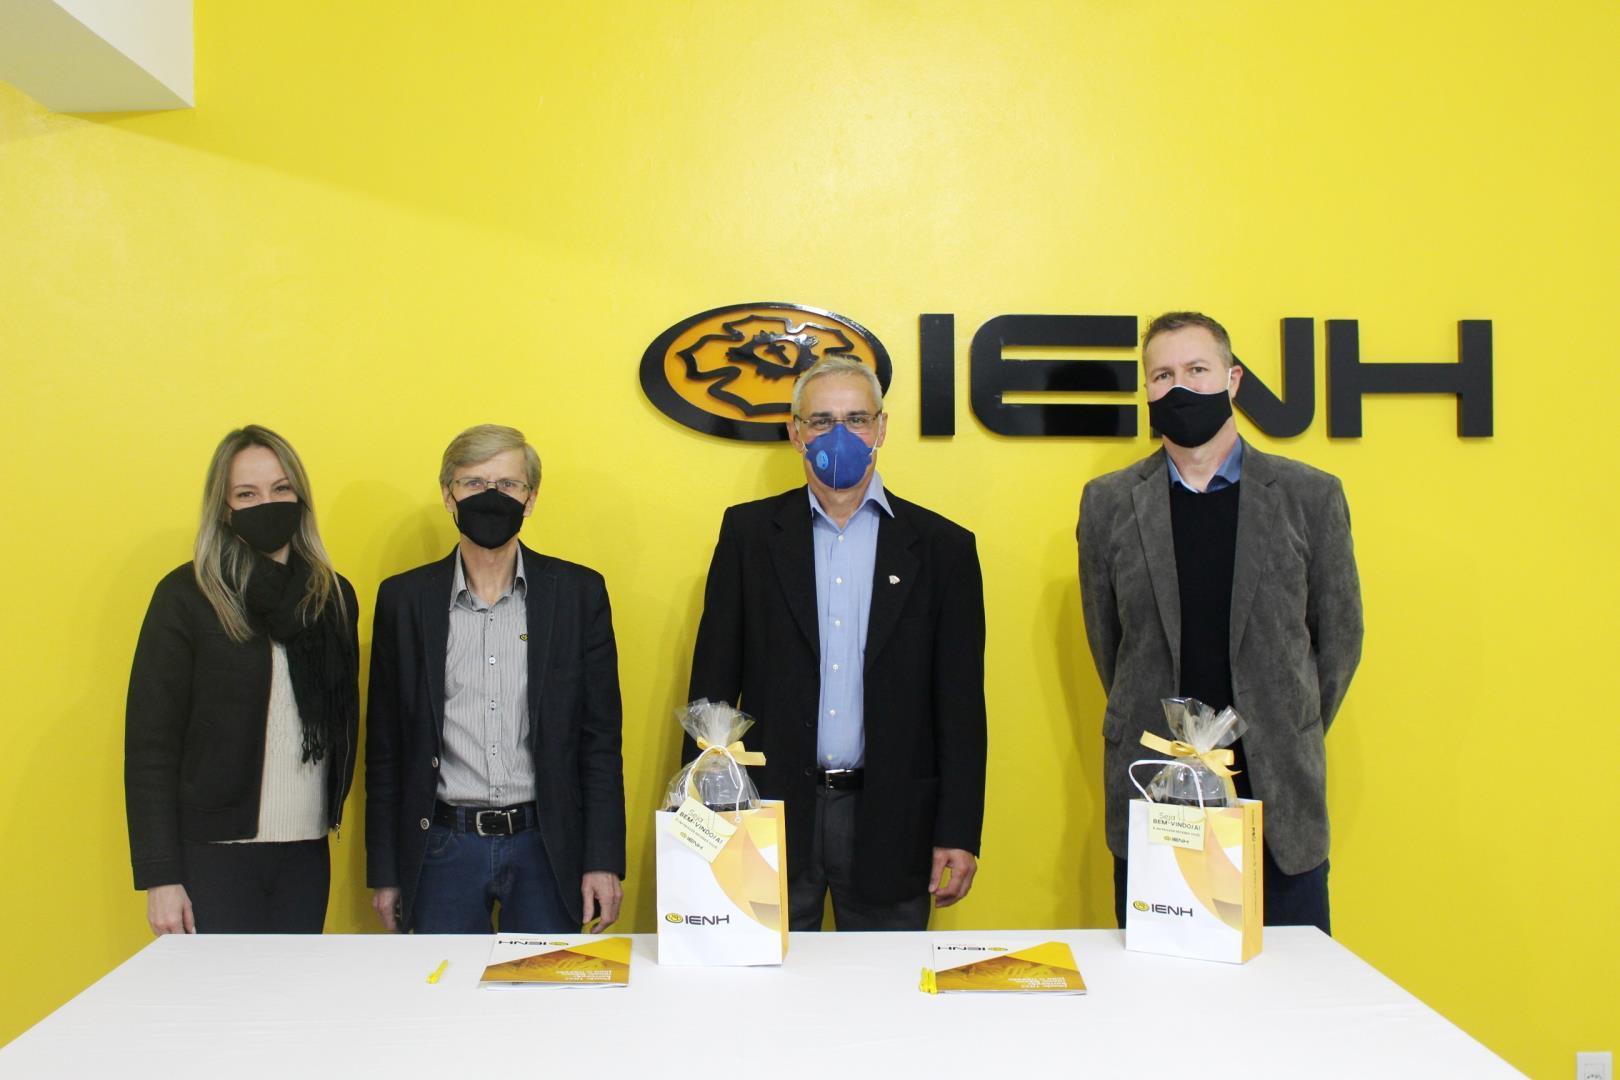 Faculdade IENH firma convênio de cooperação técnica com Faculdades EST